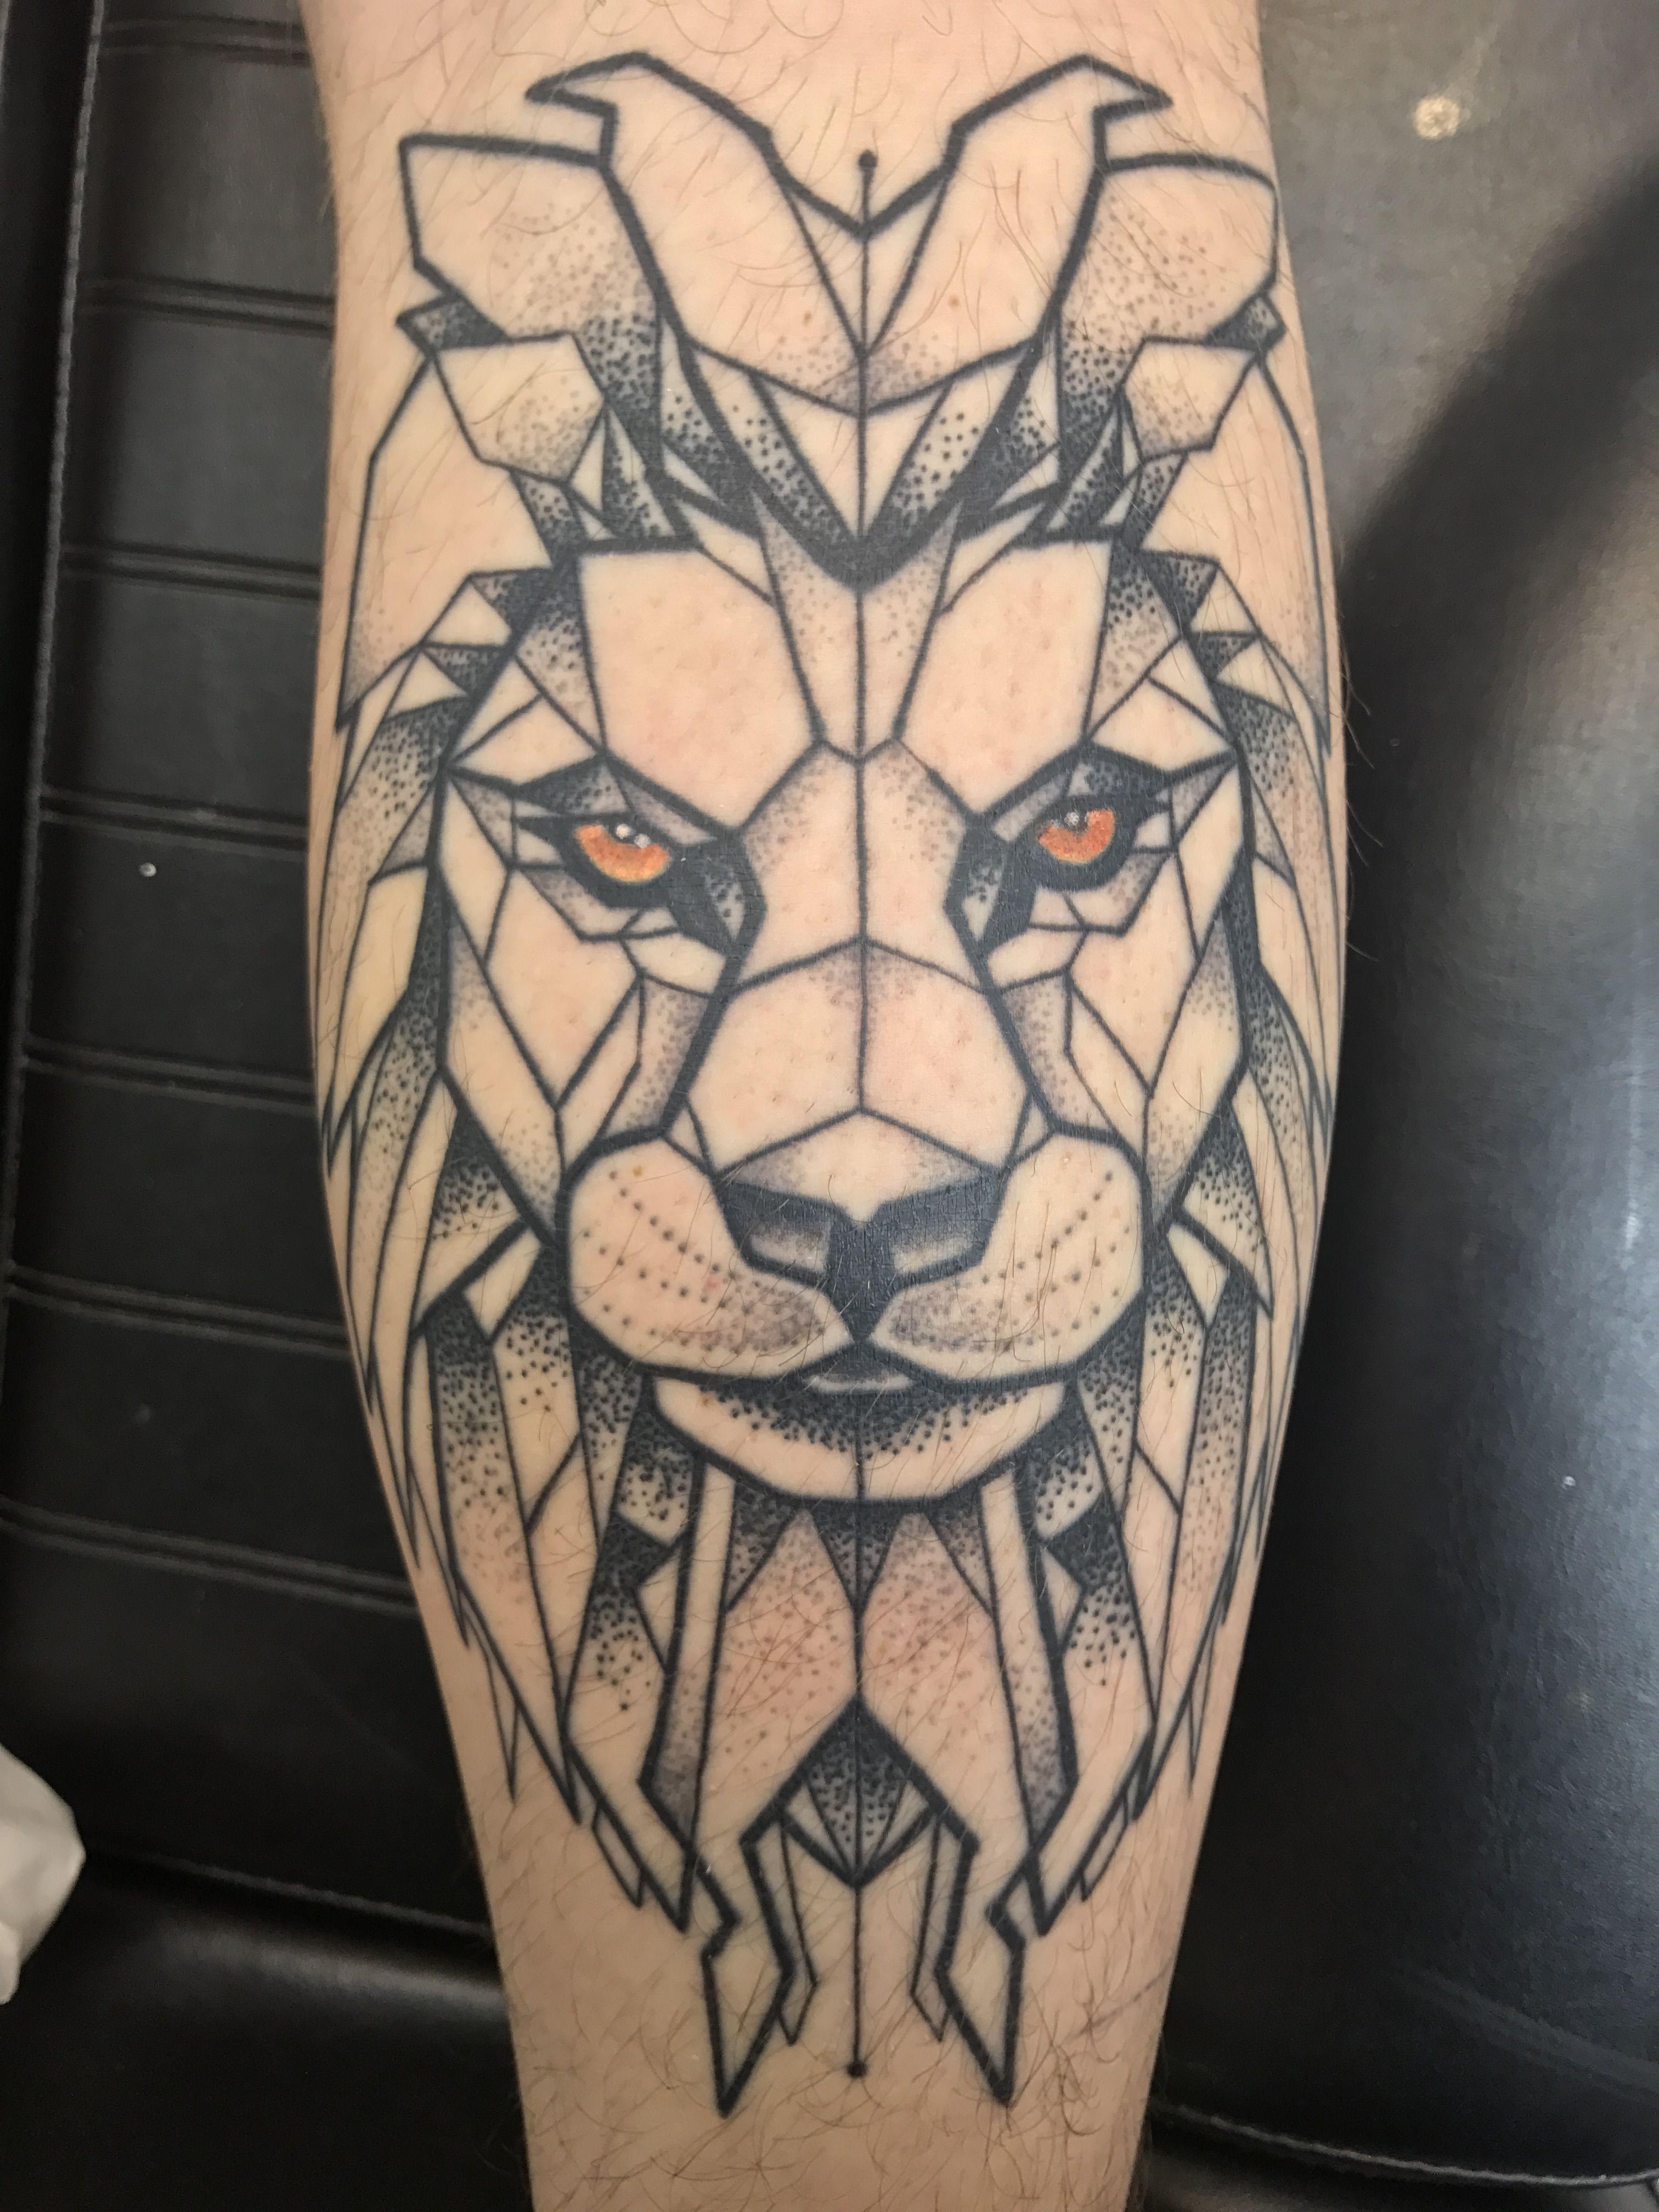 Geometric Lion Tattoo On My Calf, Leg Leg tattoo men